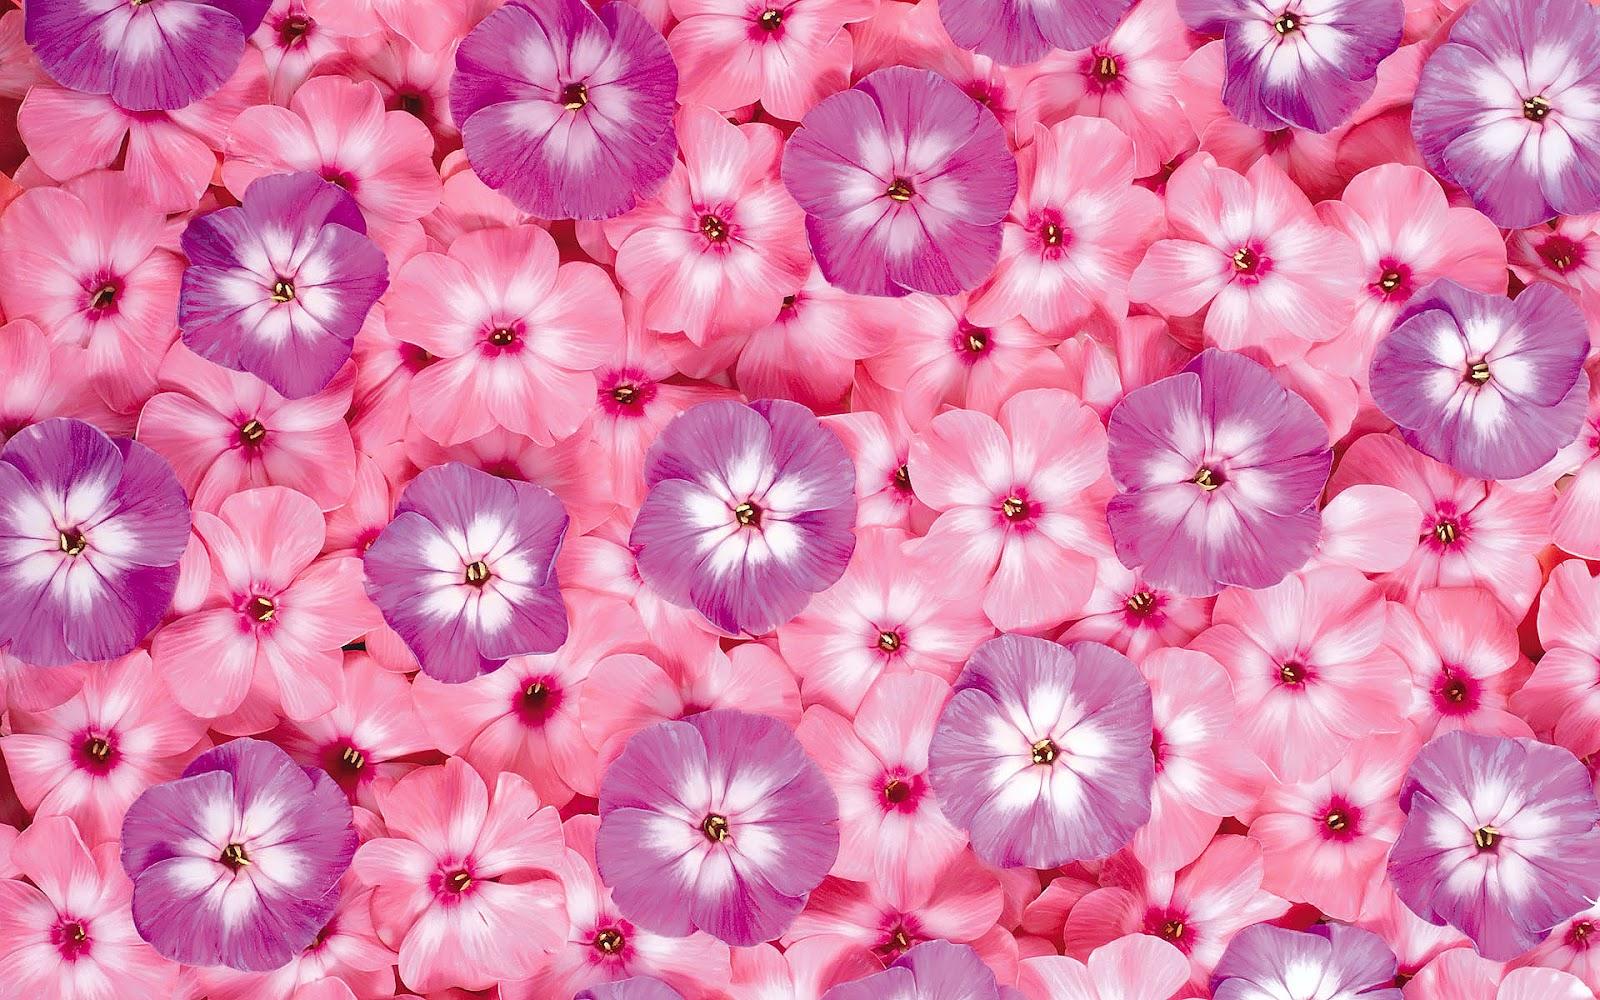 http://2.bp.blogspot.com/-4DhyWr7kf6s/T4bEg_ENmWI/AAAAAAAAeec/P1iqExsFZT0/s1600/Bloemen-achtergronden-hd-bloemen-wallpapers-bloem-afbeelding-01.jpg